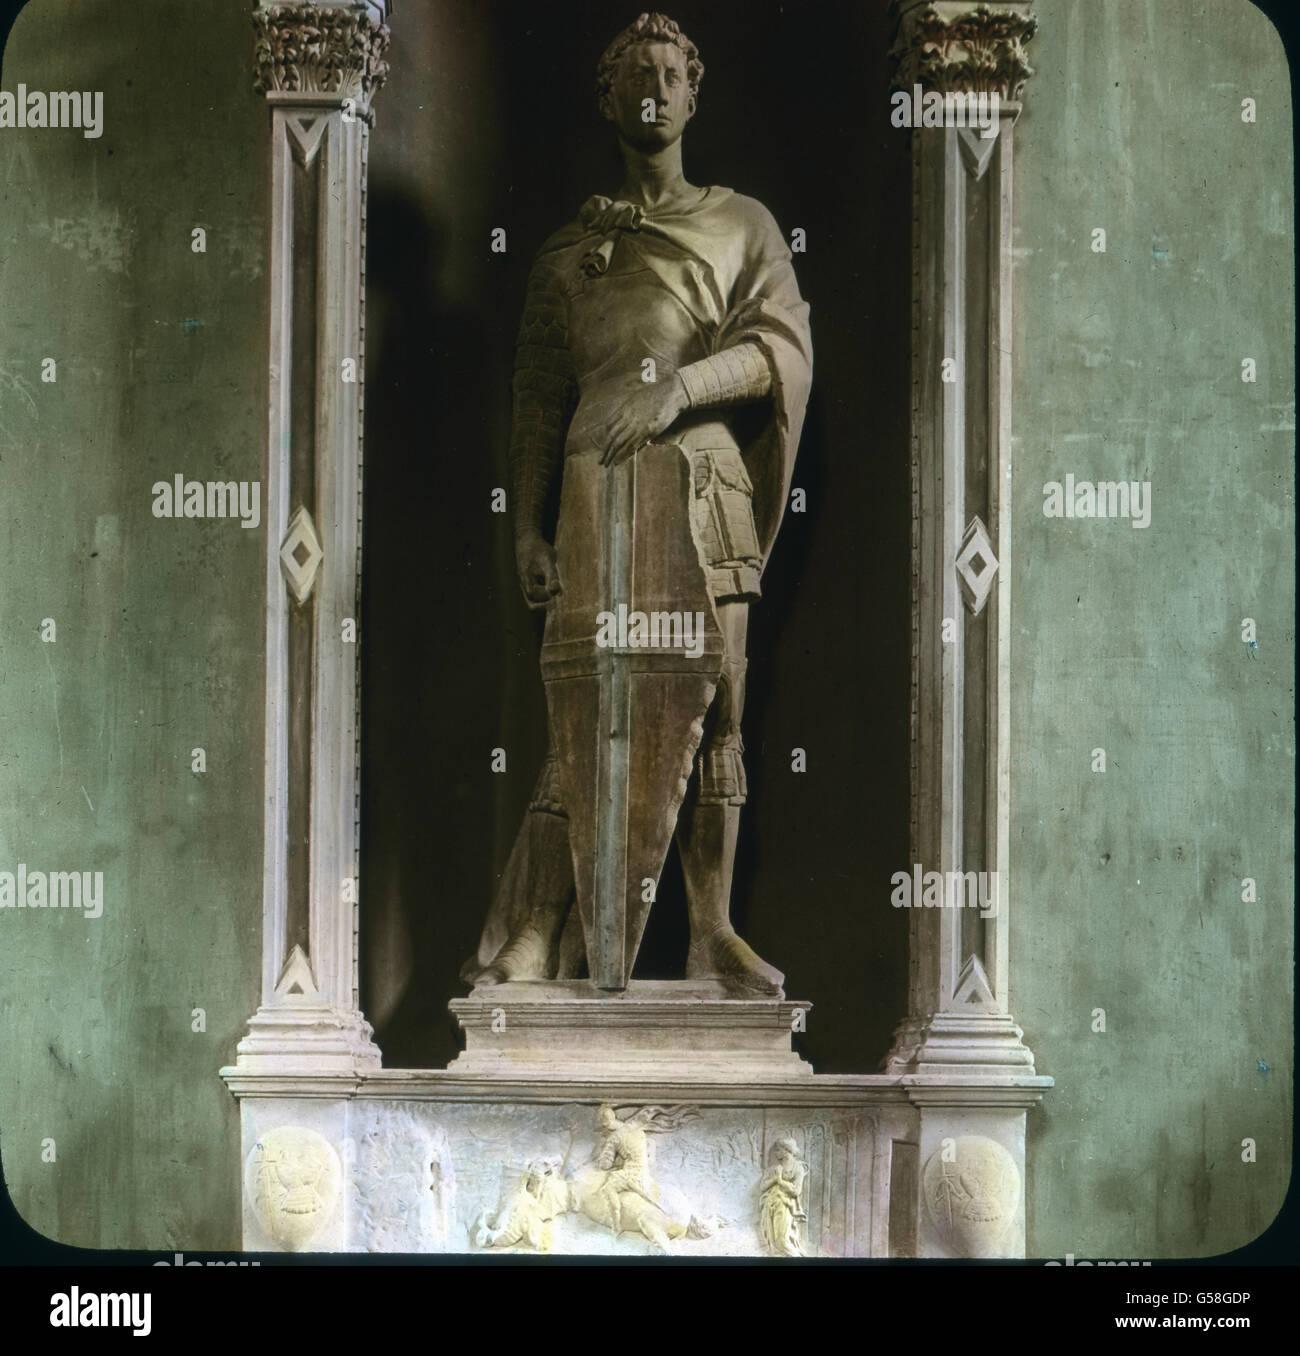 Die estatua des Hl. Georg guerra früher außen or San Michele angebracht, sie wurde 1416 geschaffen und Imagen De Stock